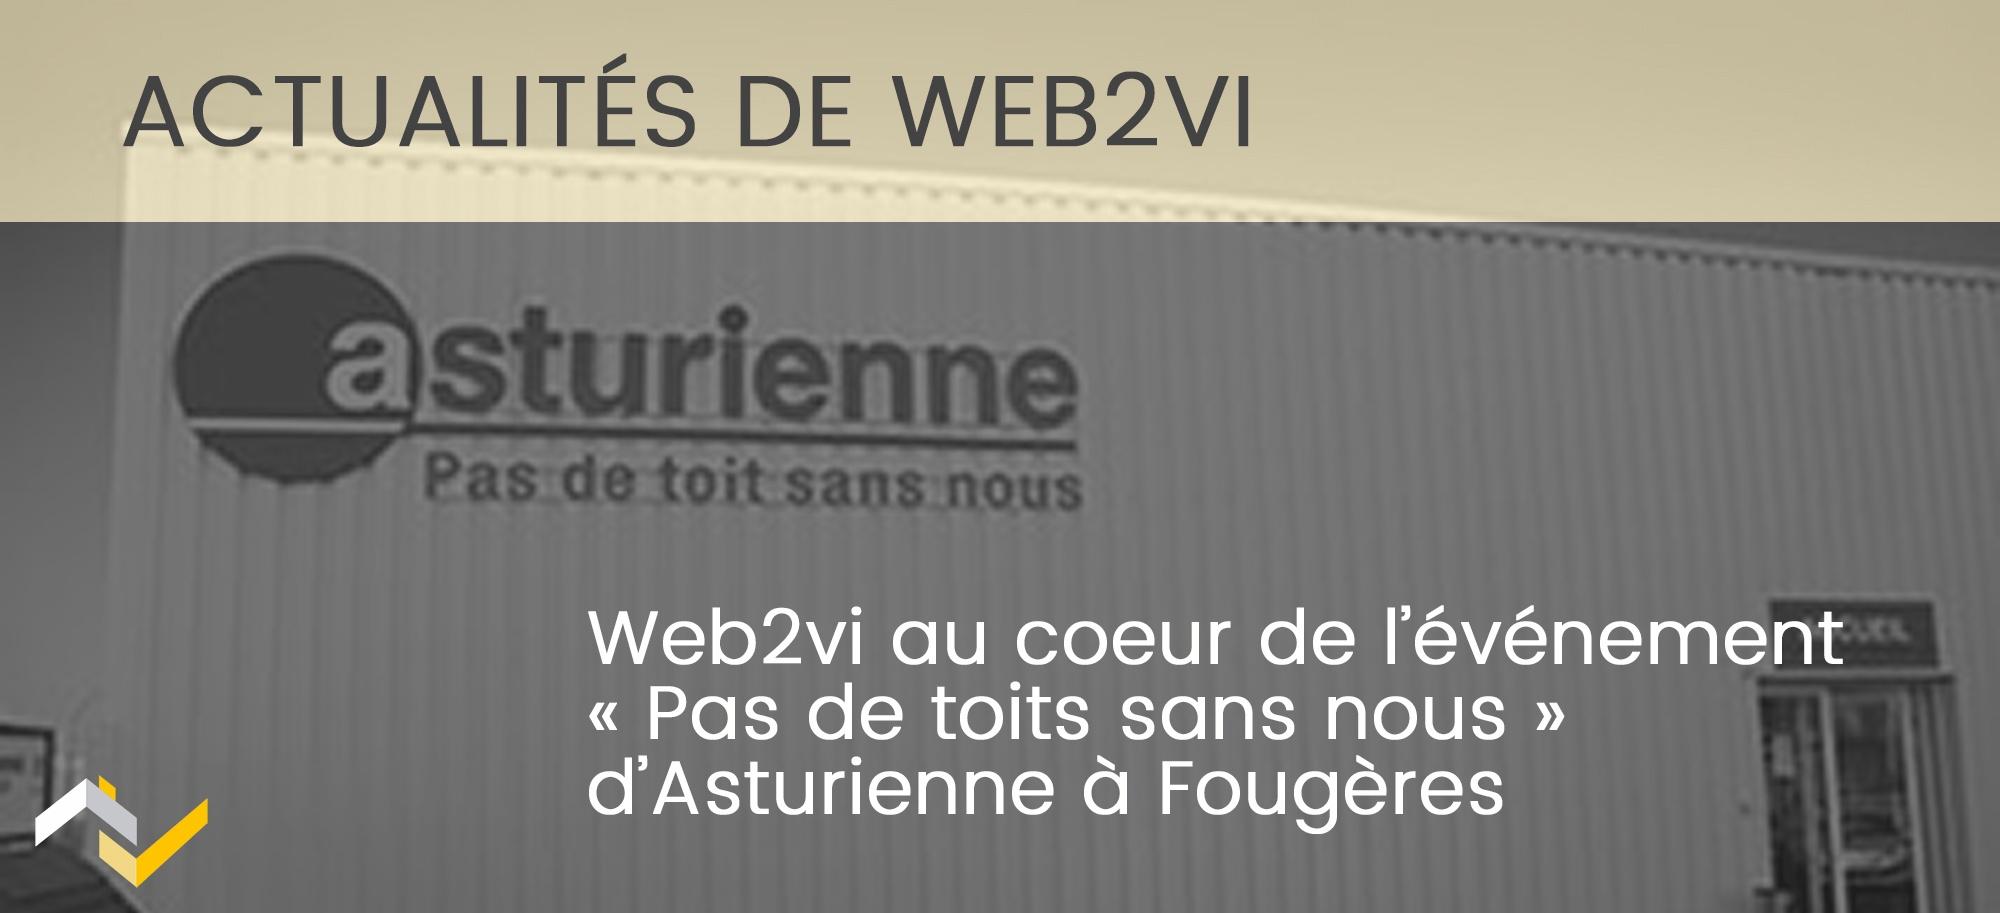 """""""Pas de toits sans nous"""" Web2vi au coeur de l'événement Asturienne"""